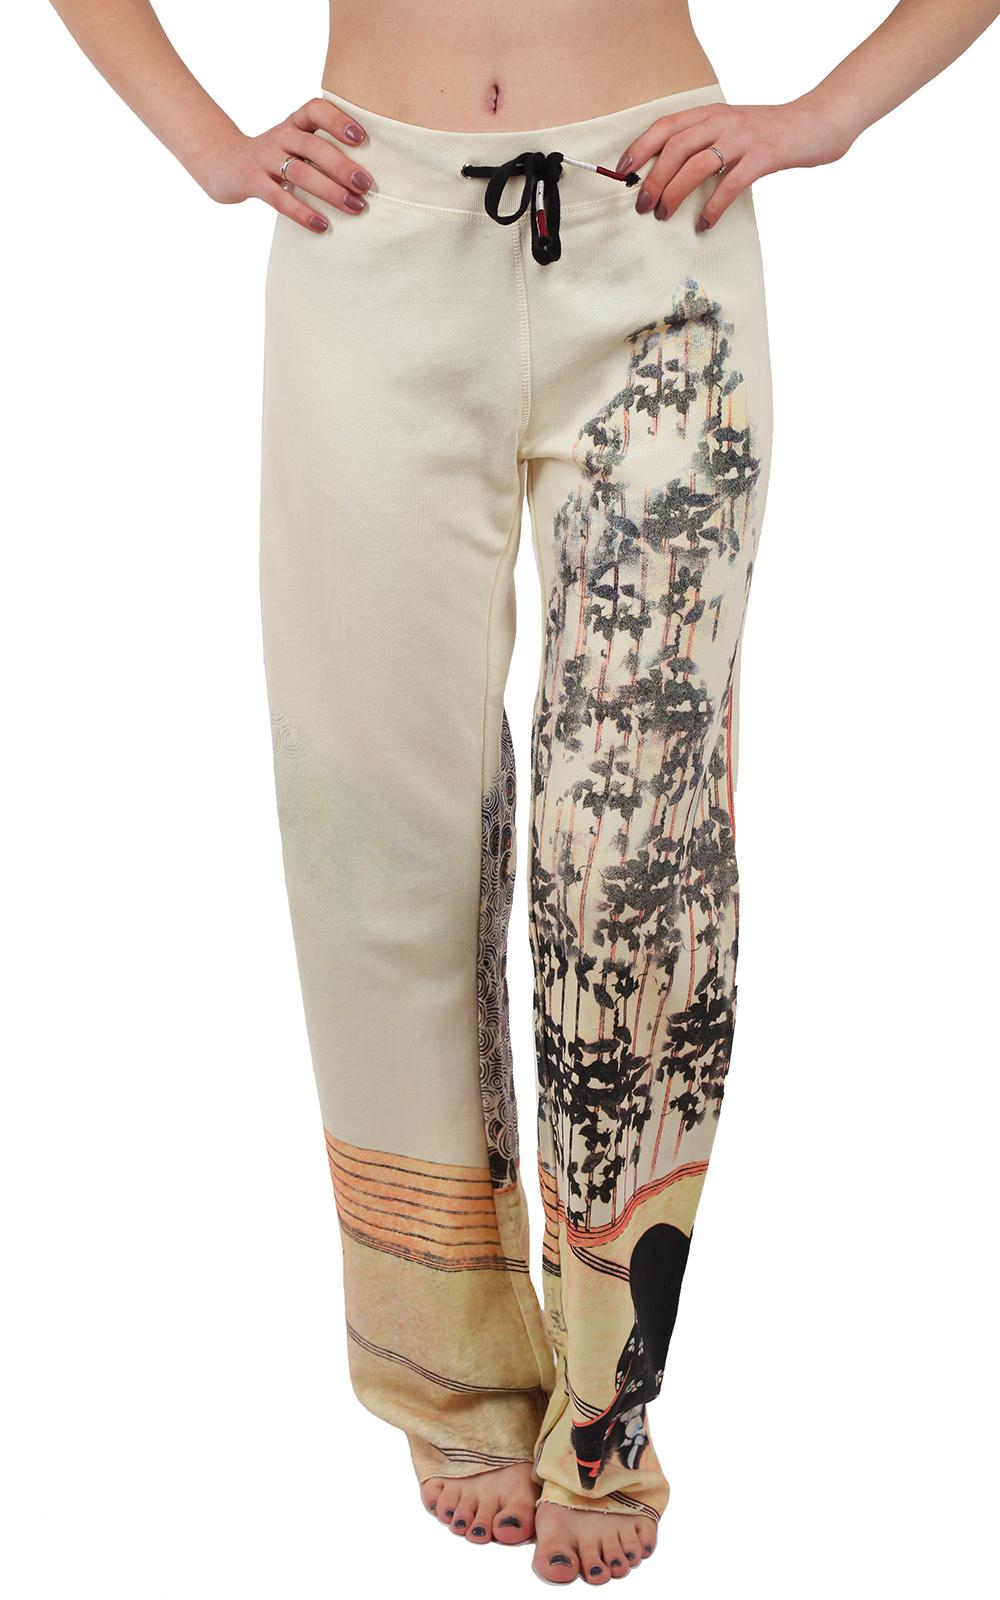 Внимание! Женские спортивные штаны Paparazzi – ограниченная серия ультраактуального прямого кроя